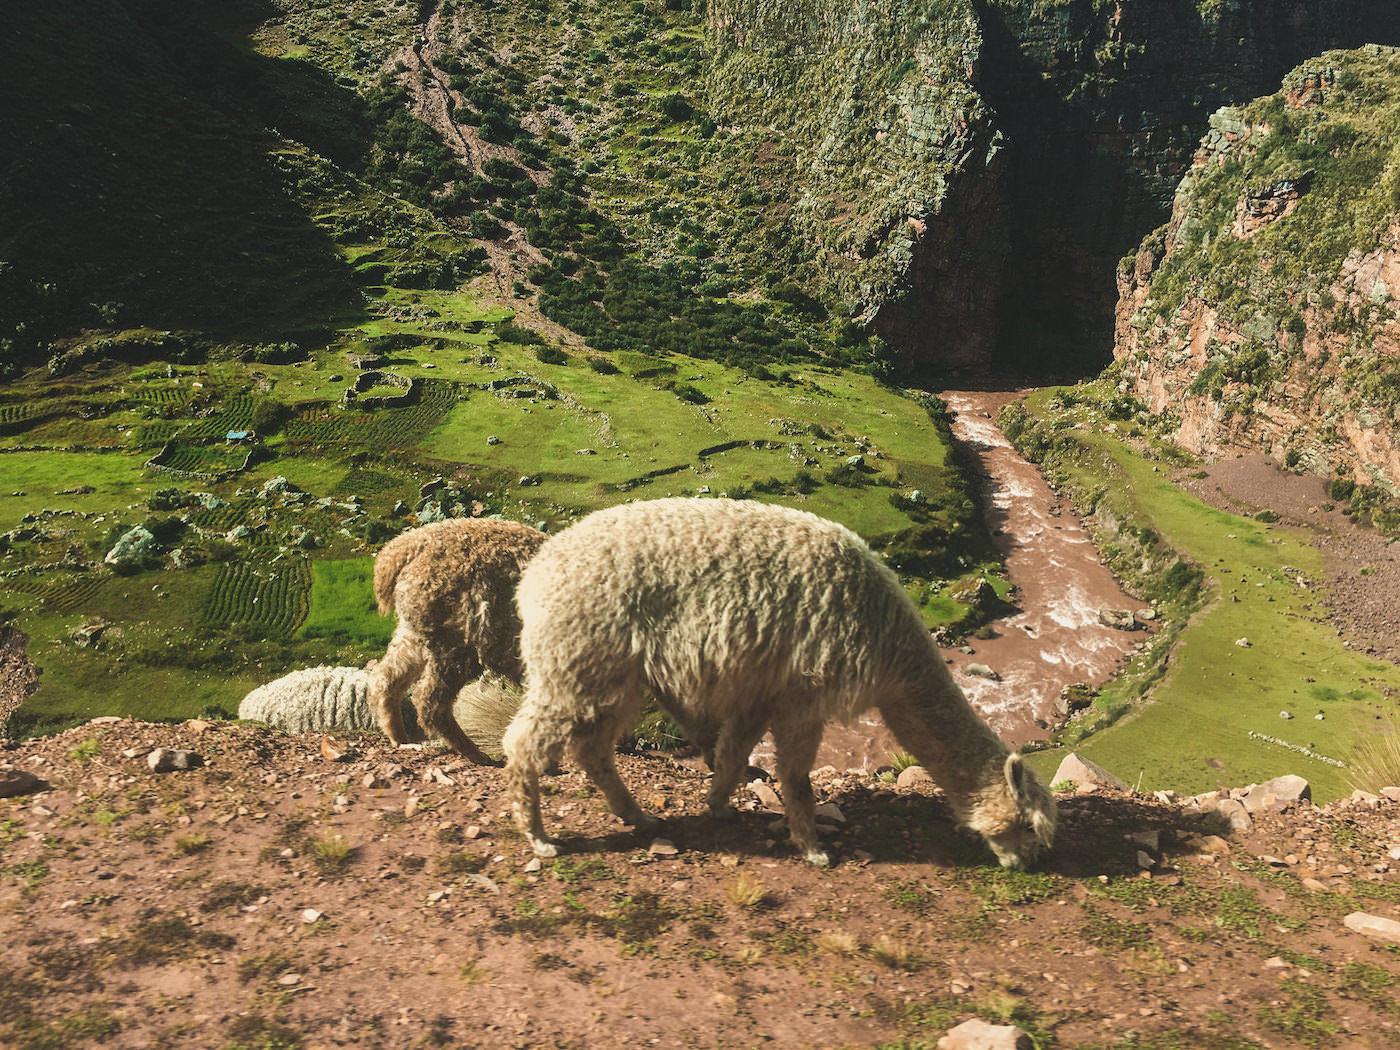 Lama przy drodze